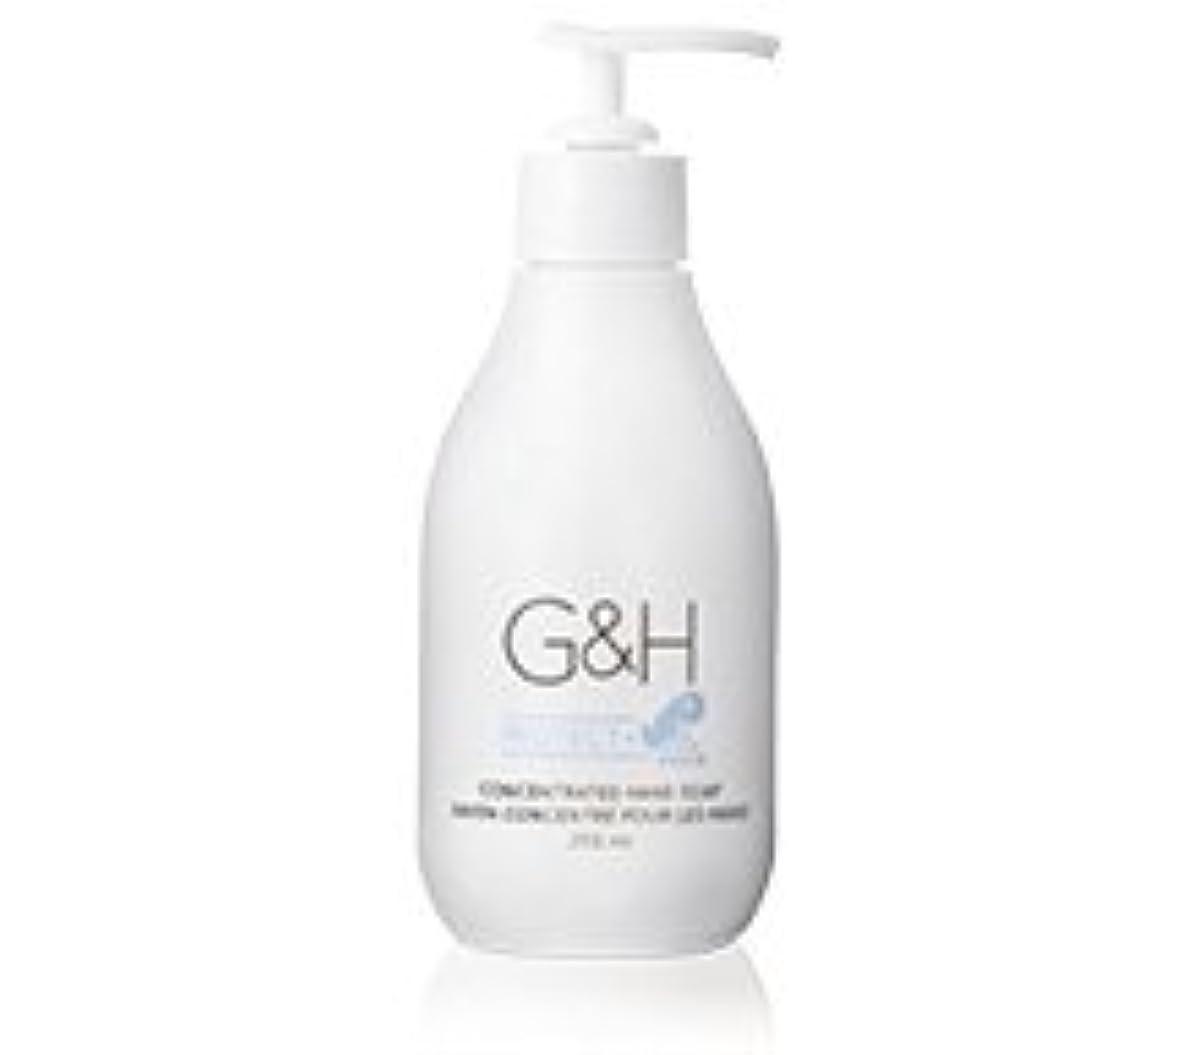 アムウェイ G&H プロテクト+ ハンドソープ 250mL